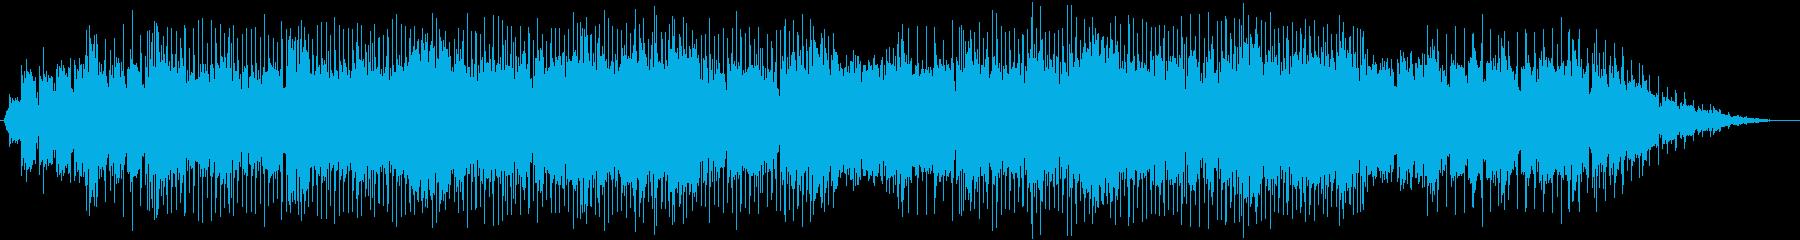 英語 男声ボーカル ポップス ロックの再生済みの波形